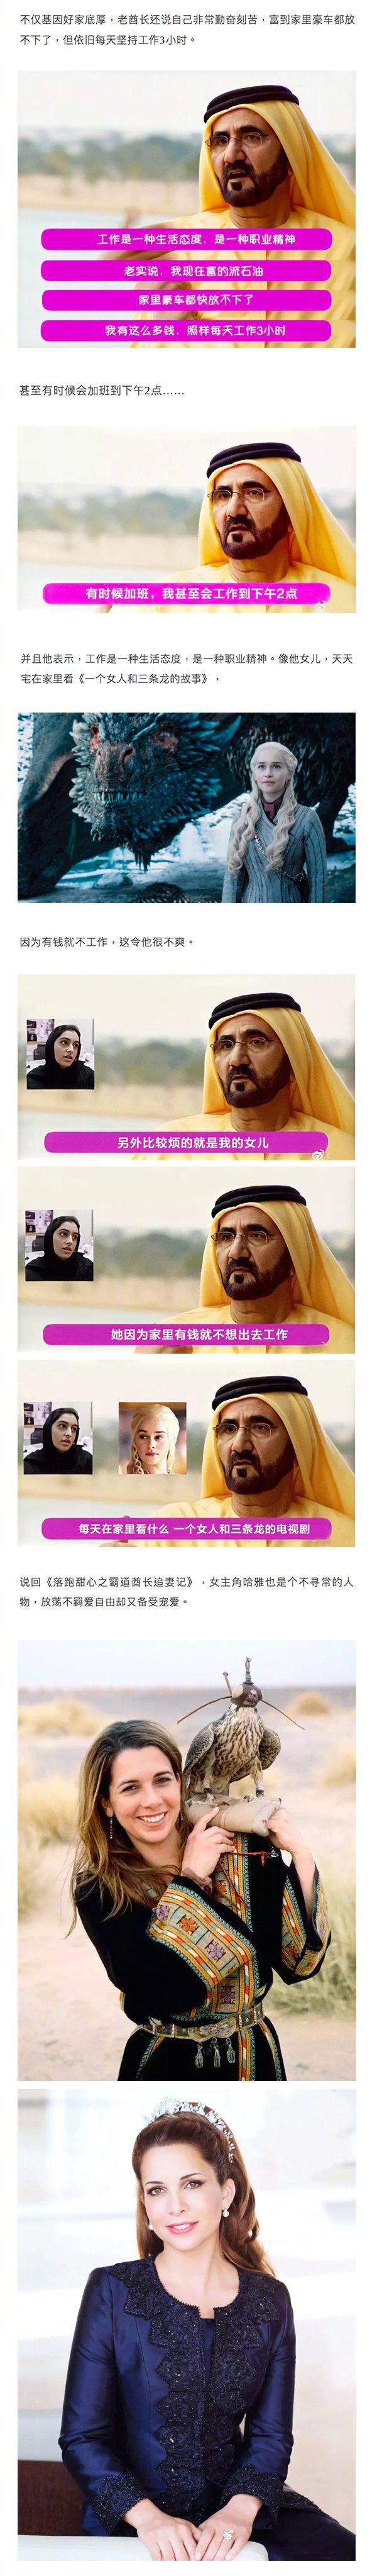 迪拜王妃带着2.6亿跑路了,真实上演《还珠格格》狗血剧情